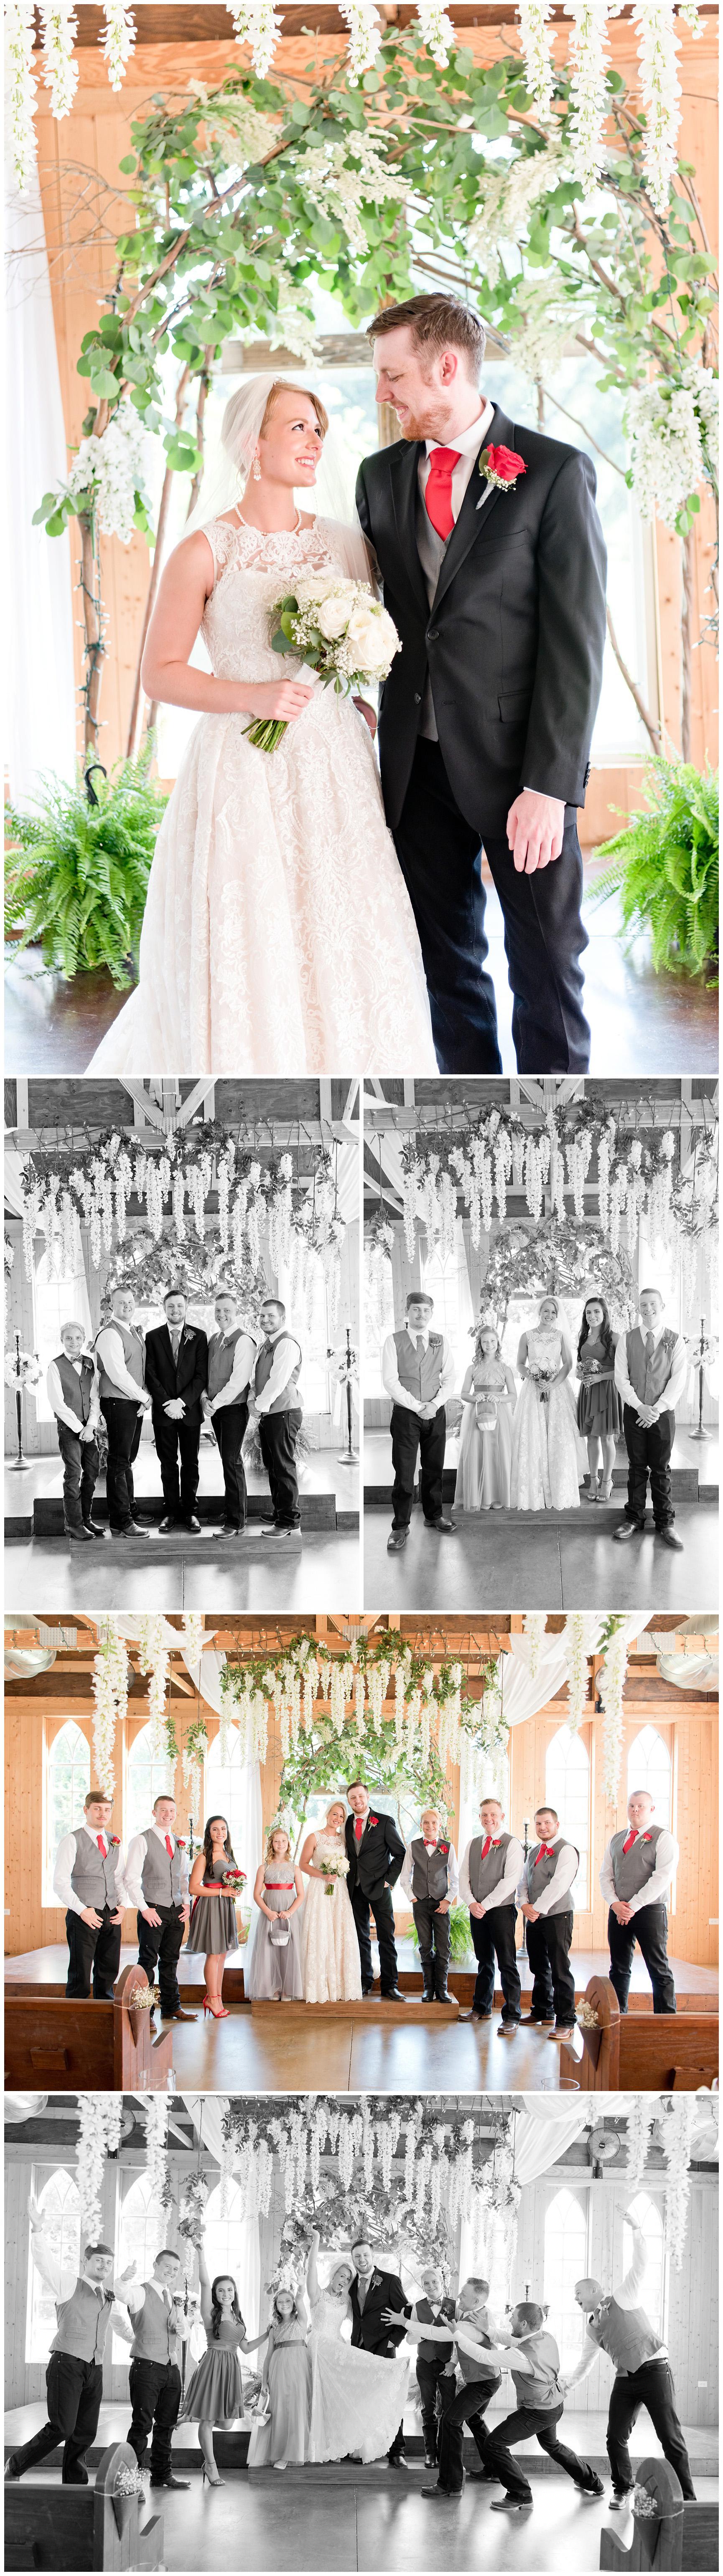 Fort Worth Texas Wedding Venue